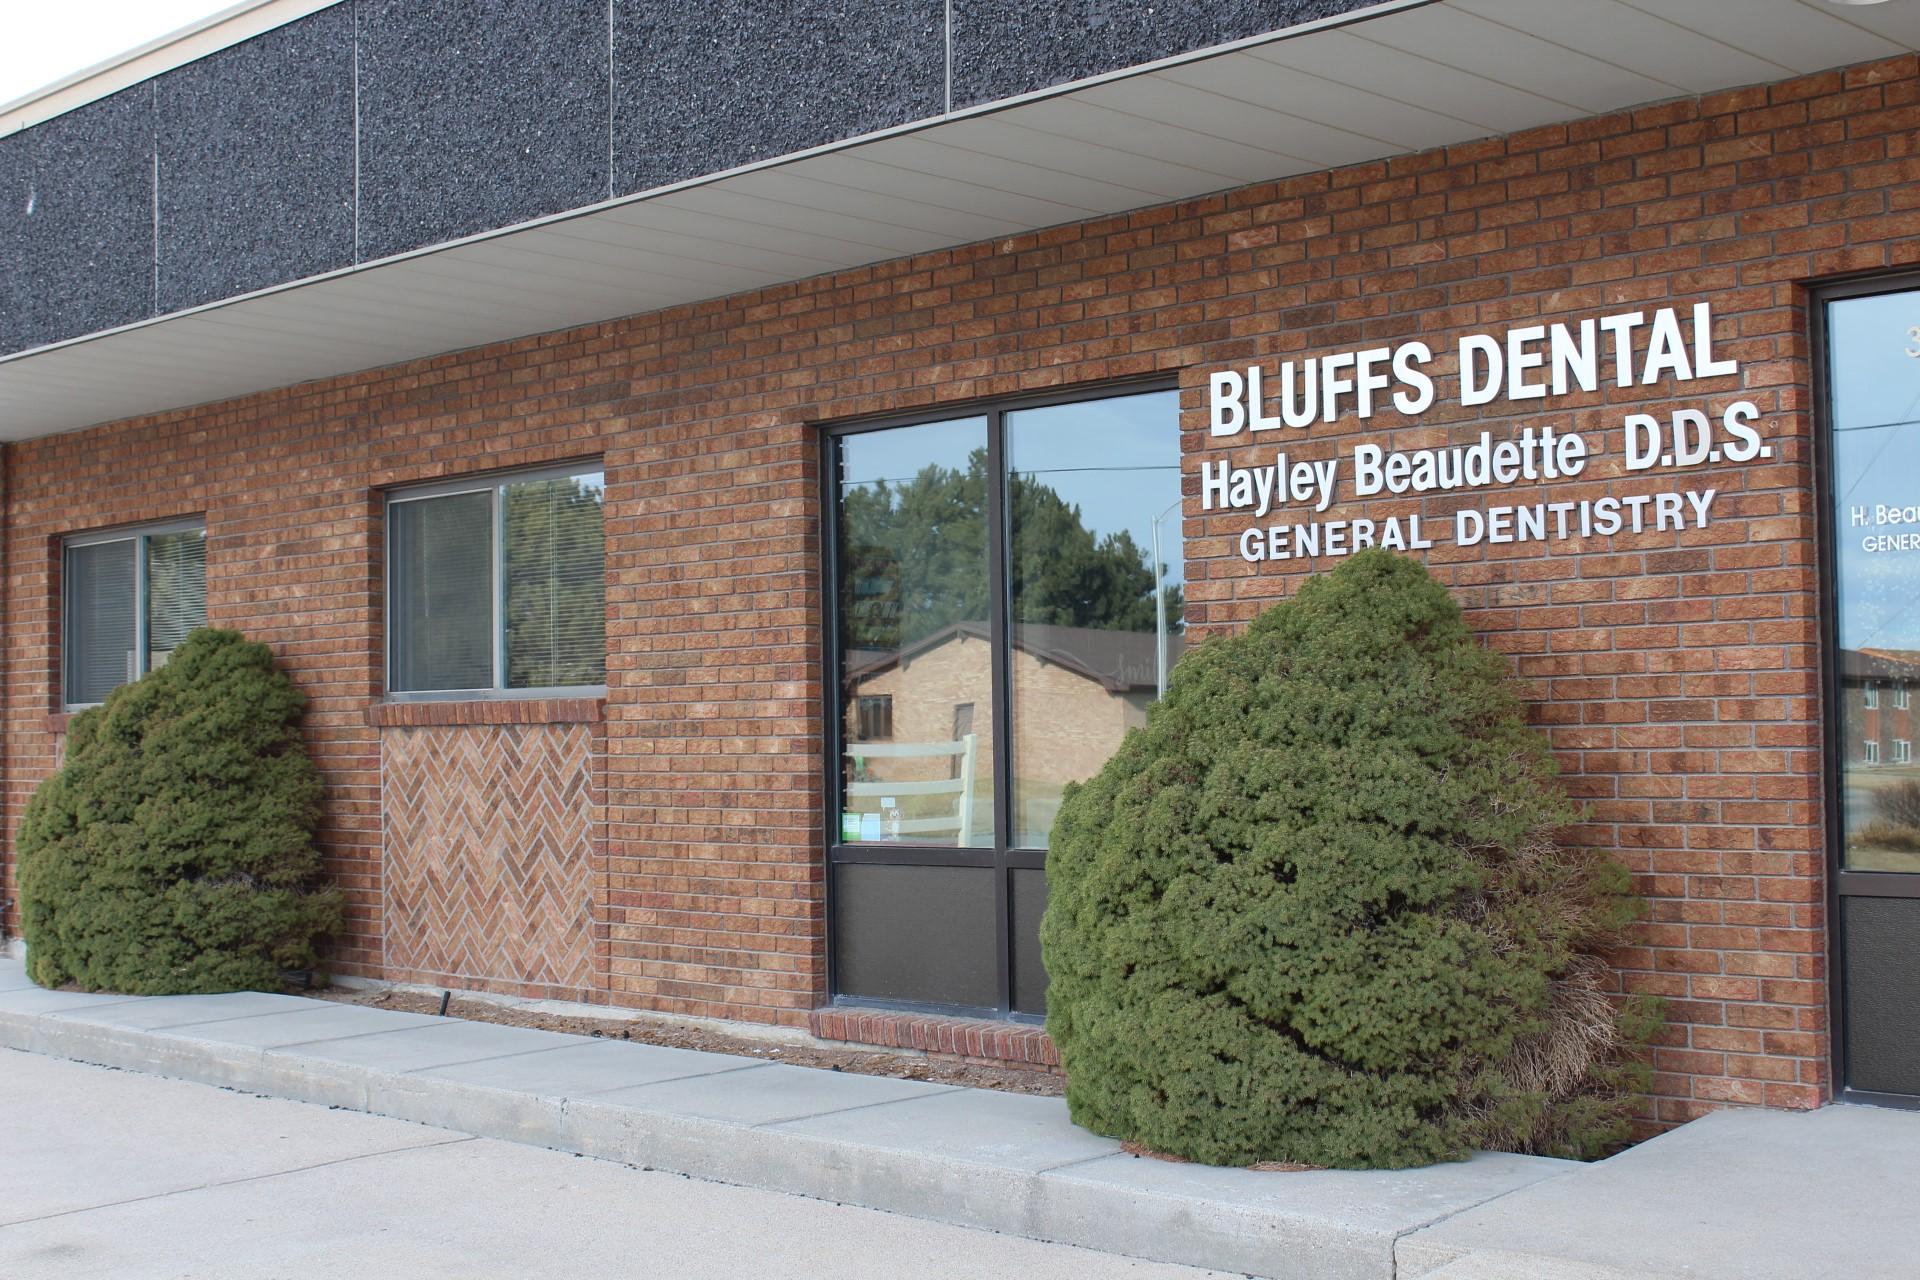 Bluffs Dental image 2